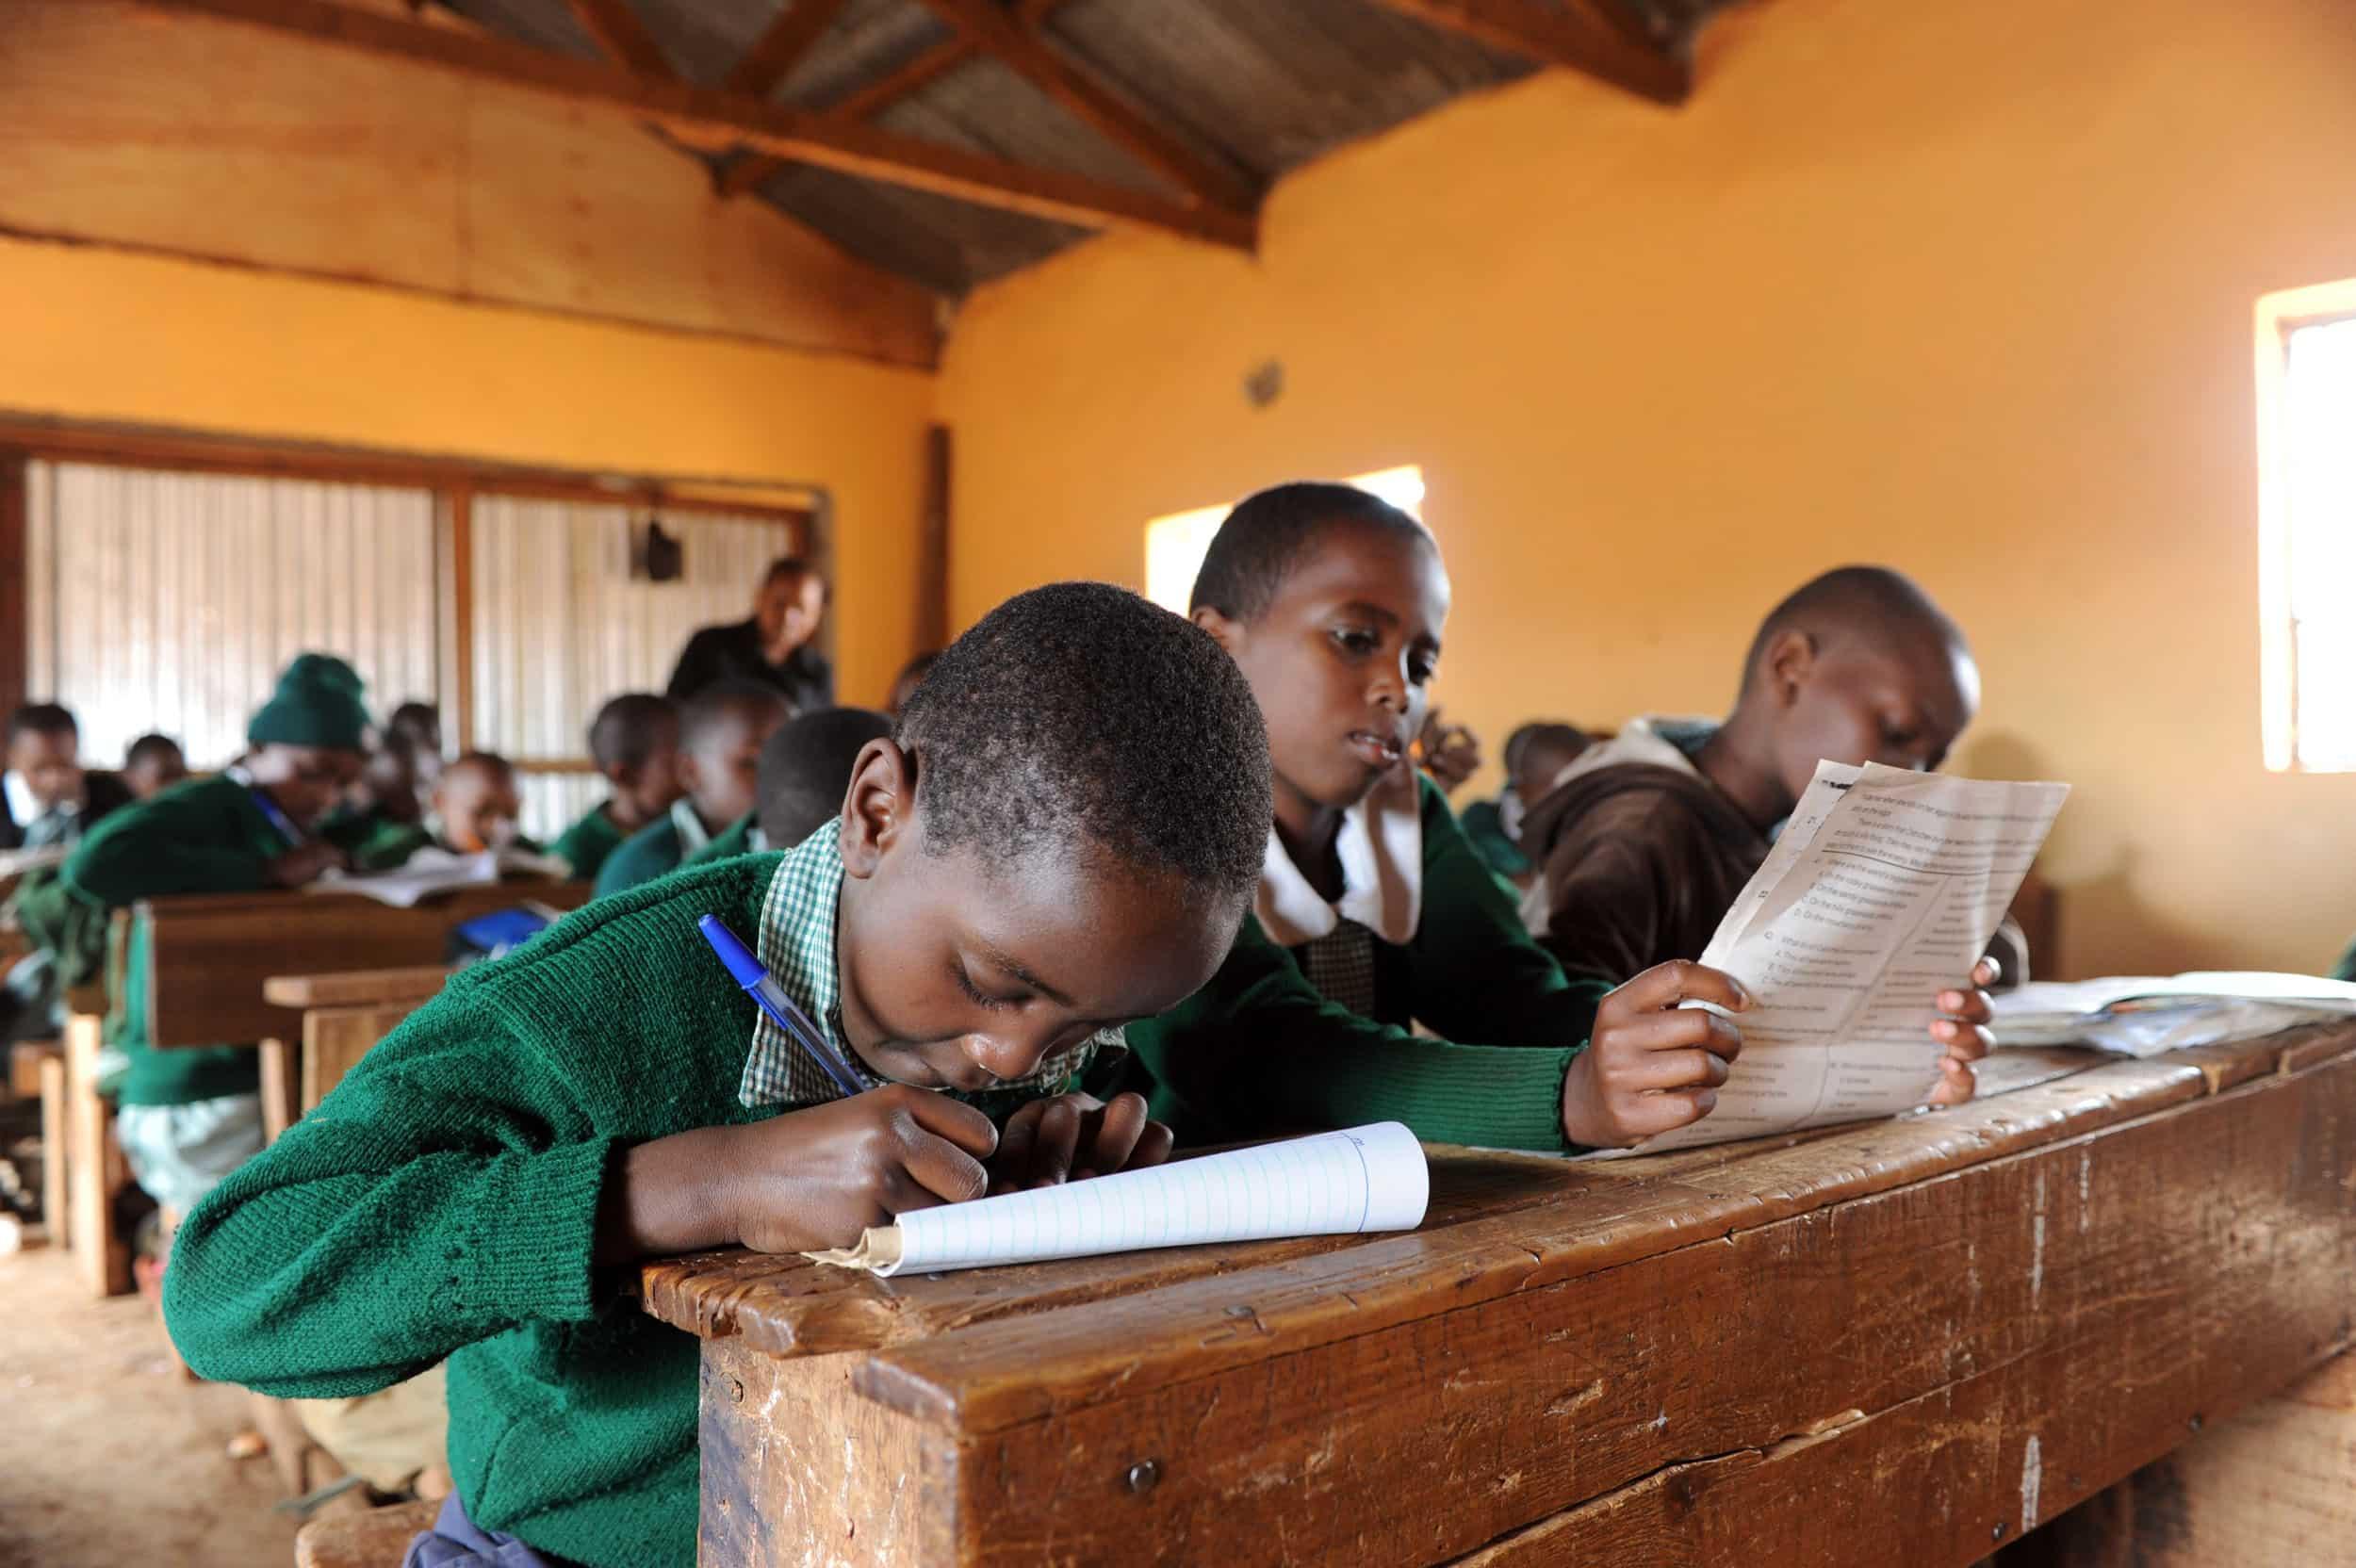 Proyecto para mejorar la formación profesional de jóvenes sin recursos